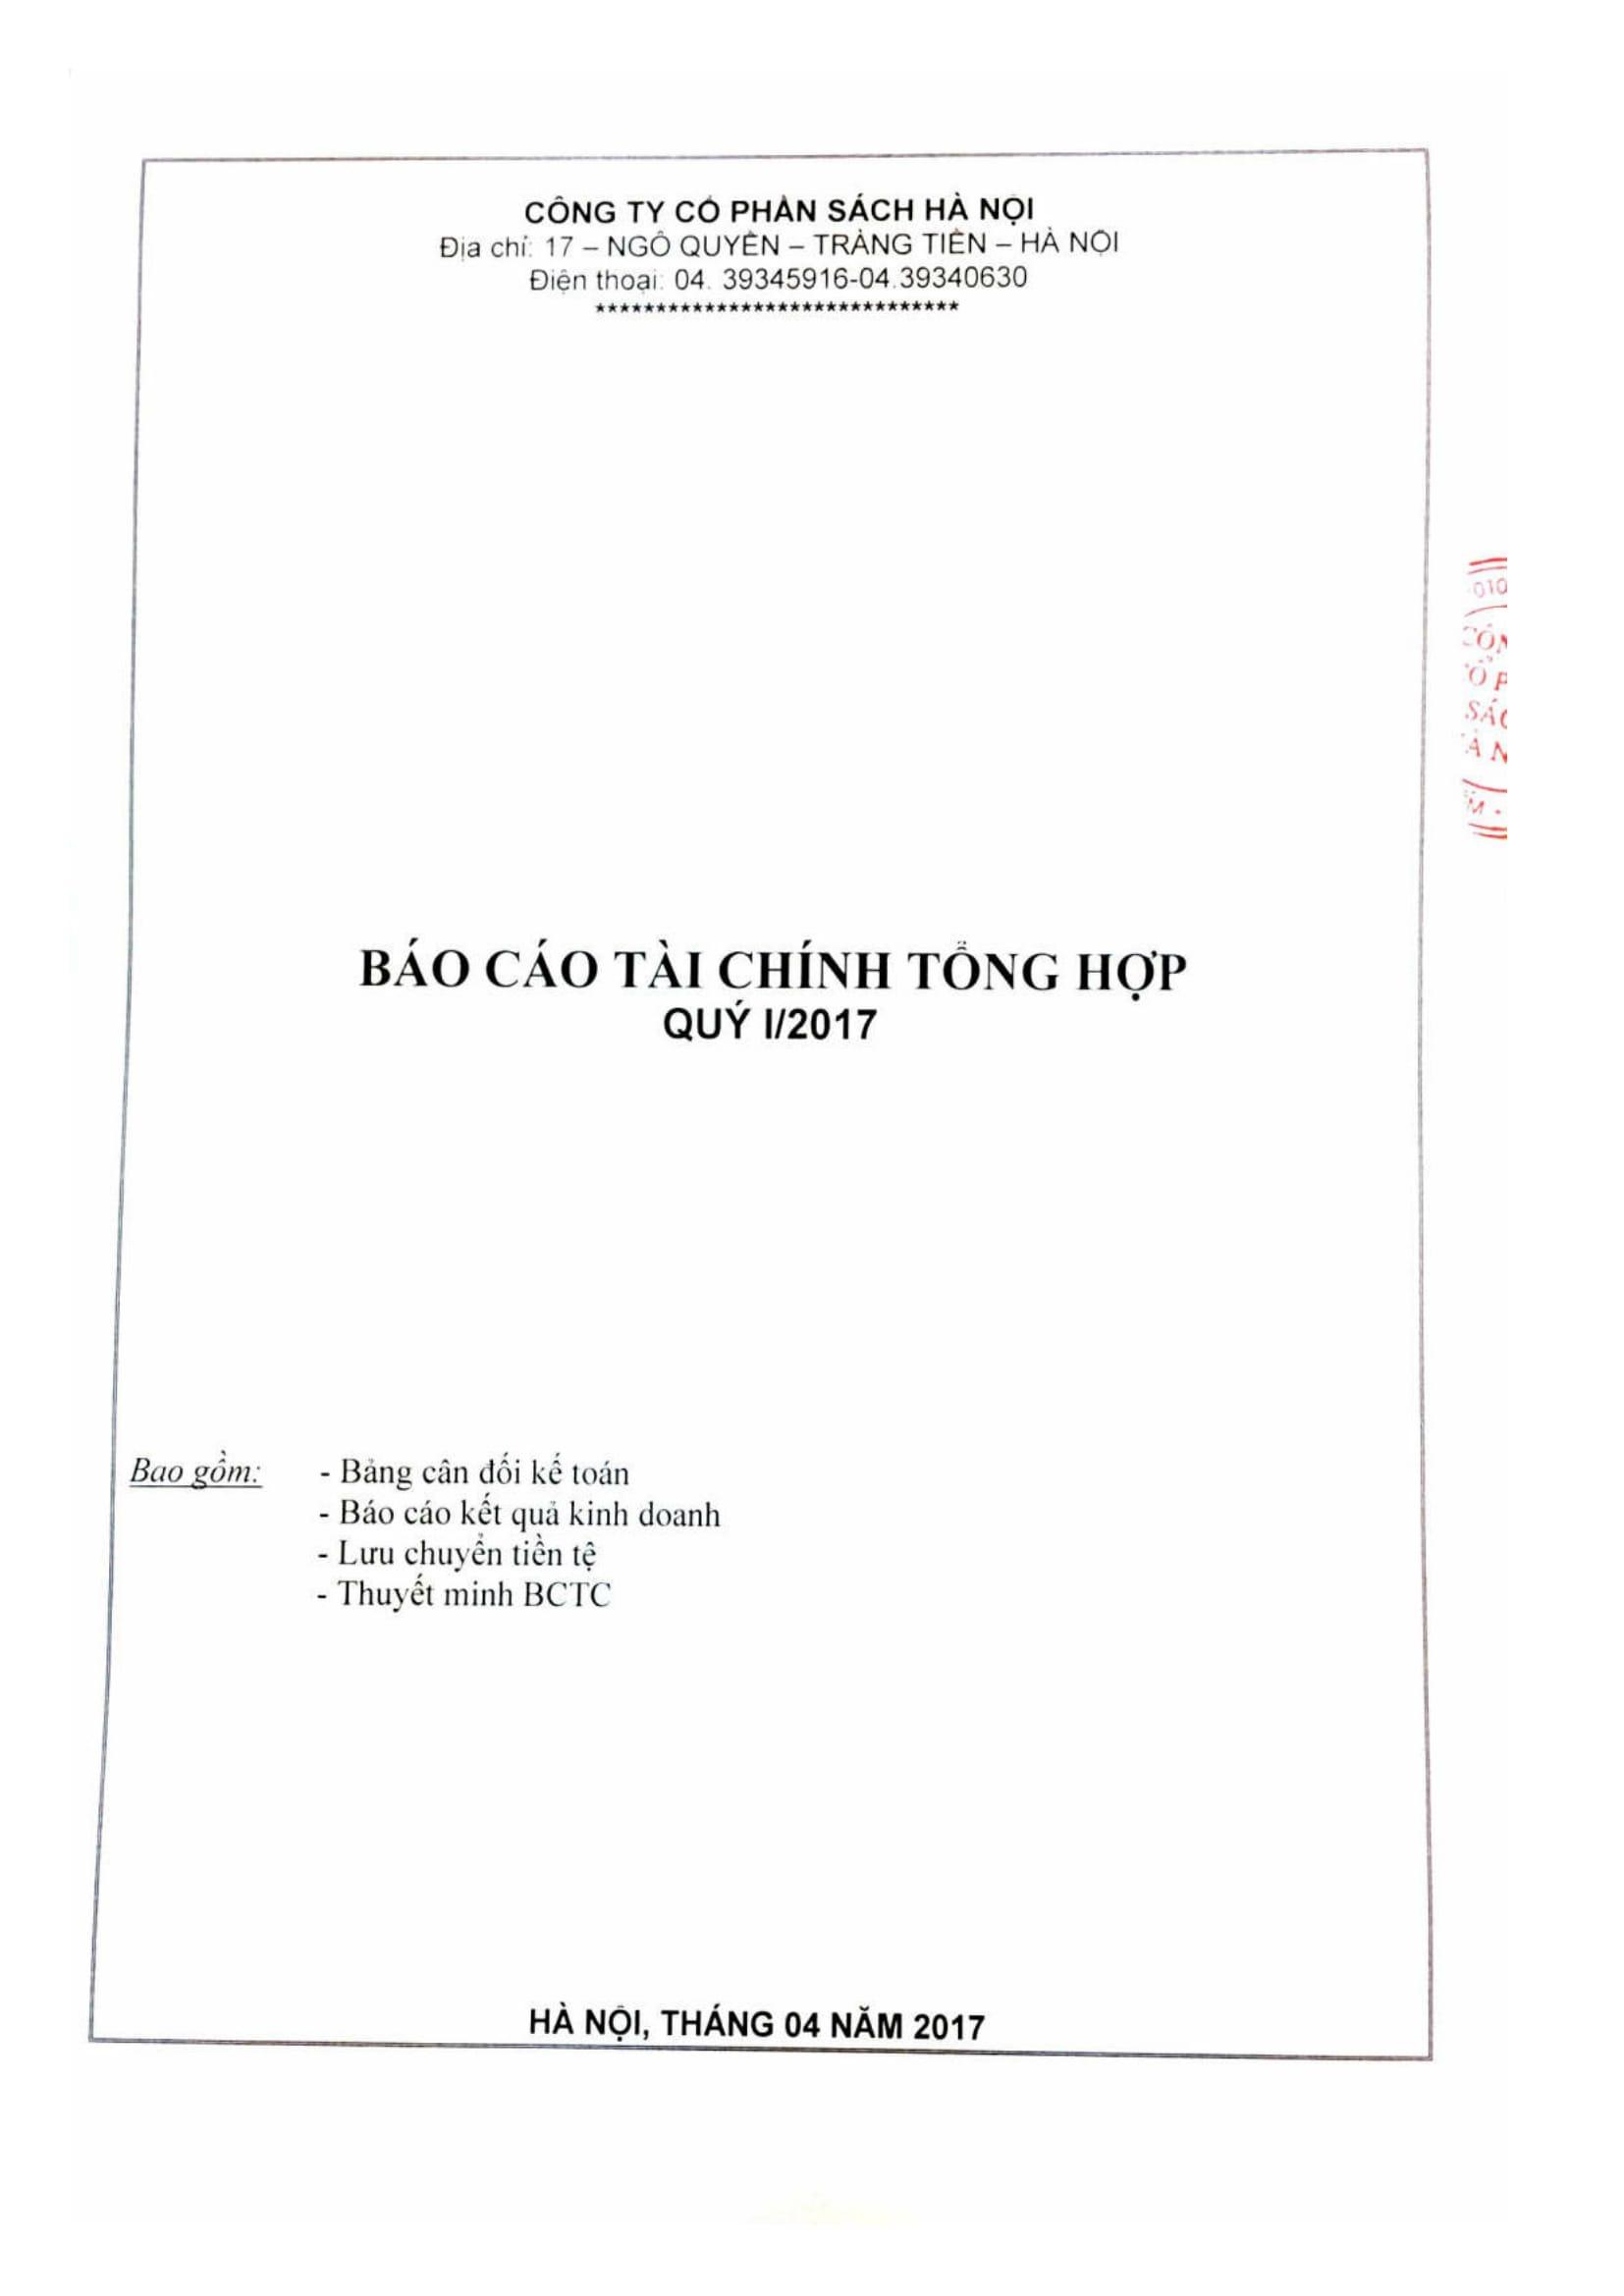 BCTC_Q1_2017_Tong_hop-03